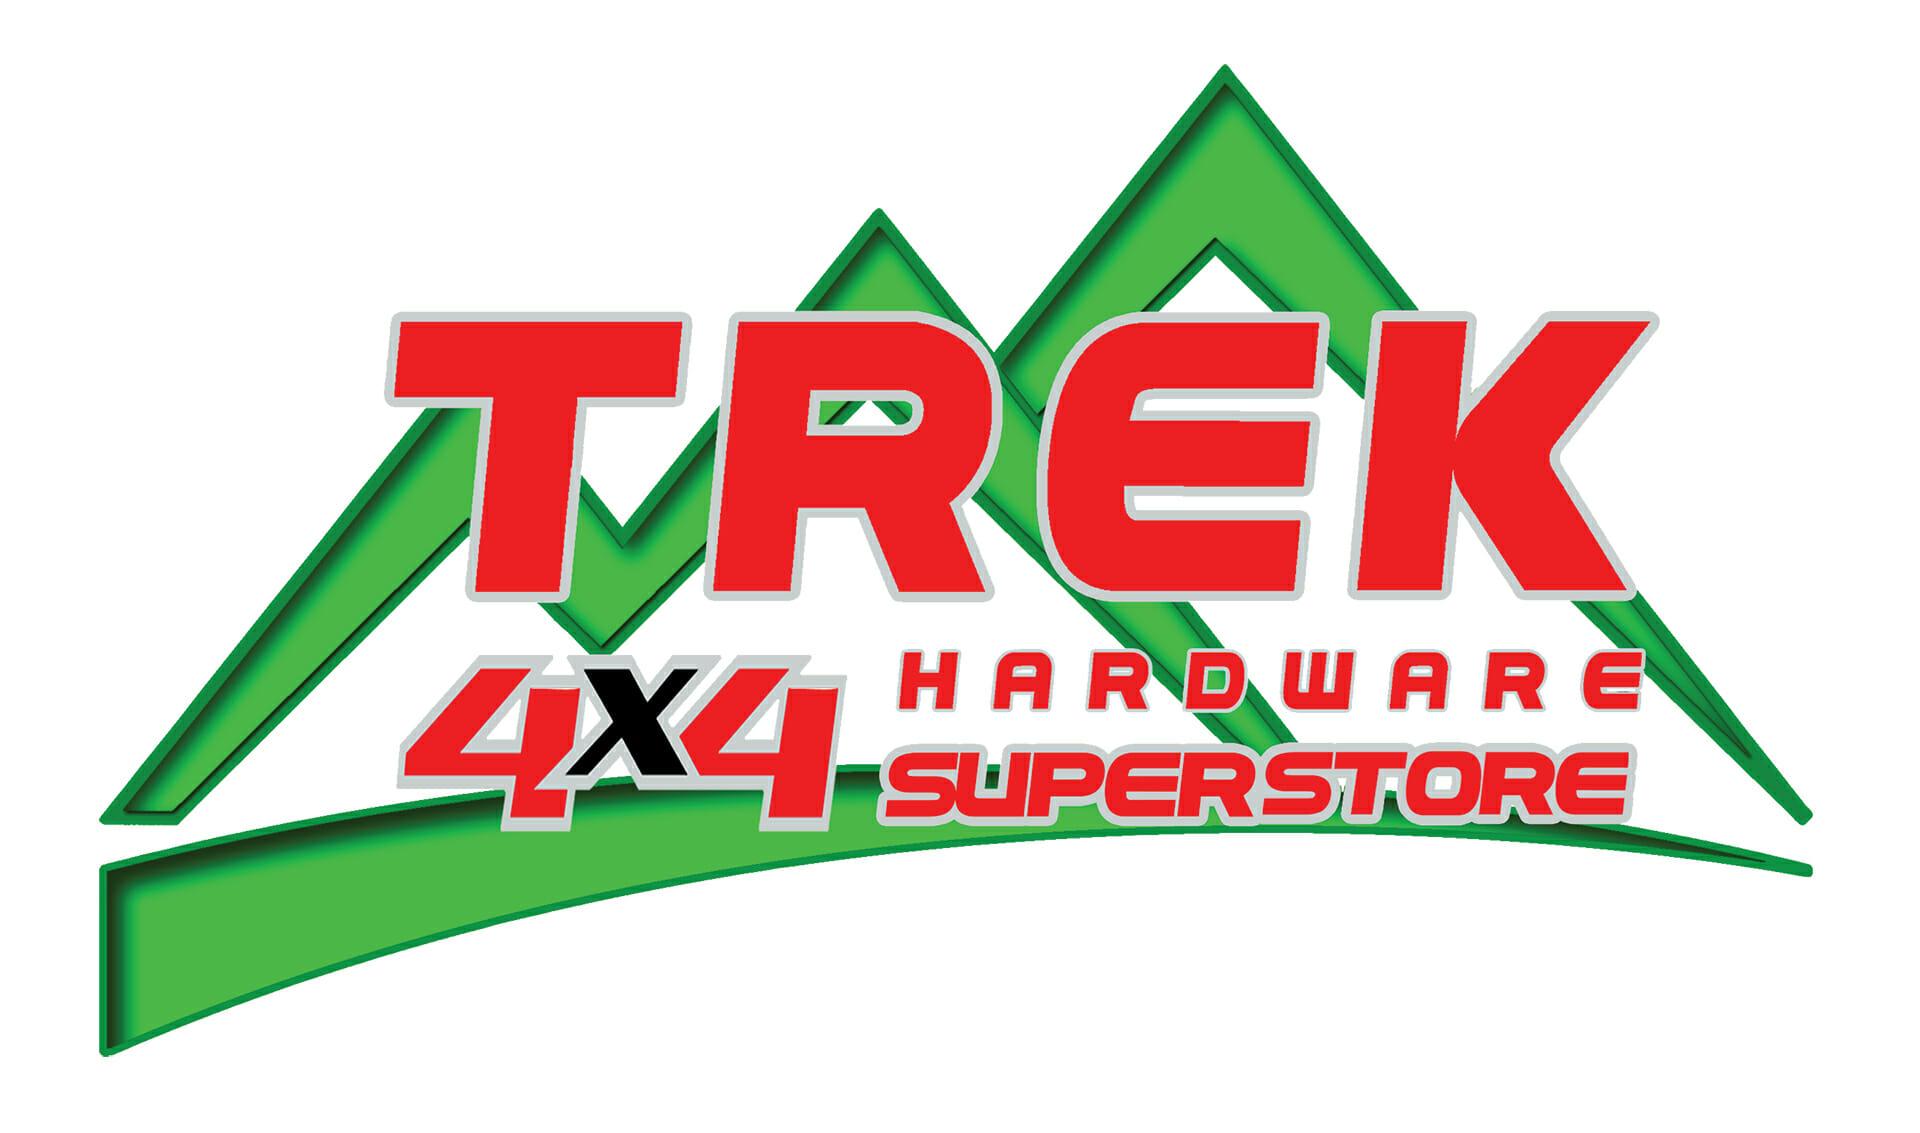 Trekx superstore Vector